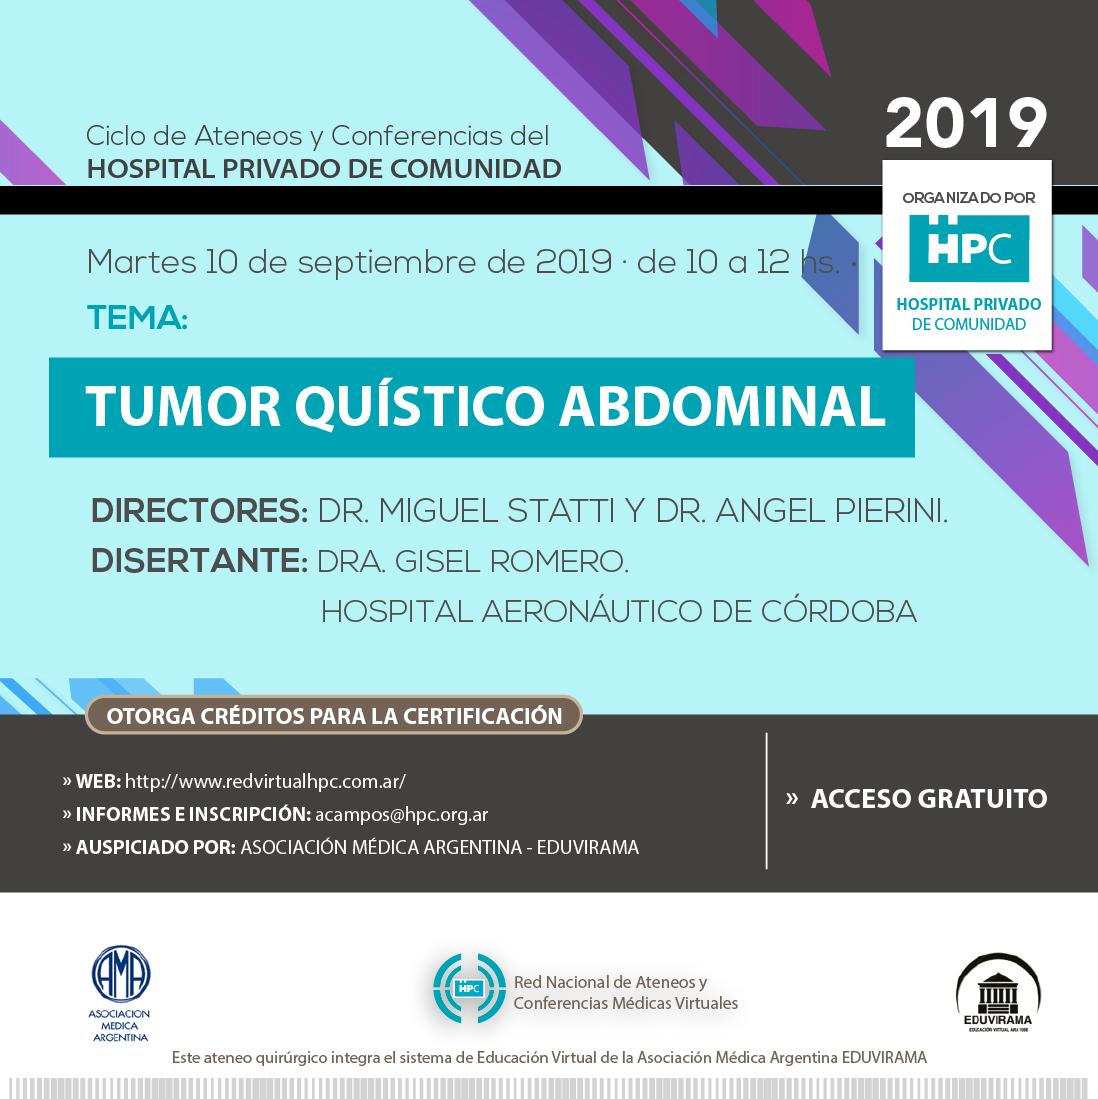 Tumor quístico abdominal